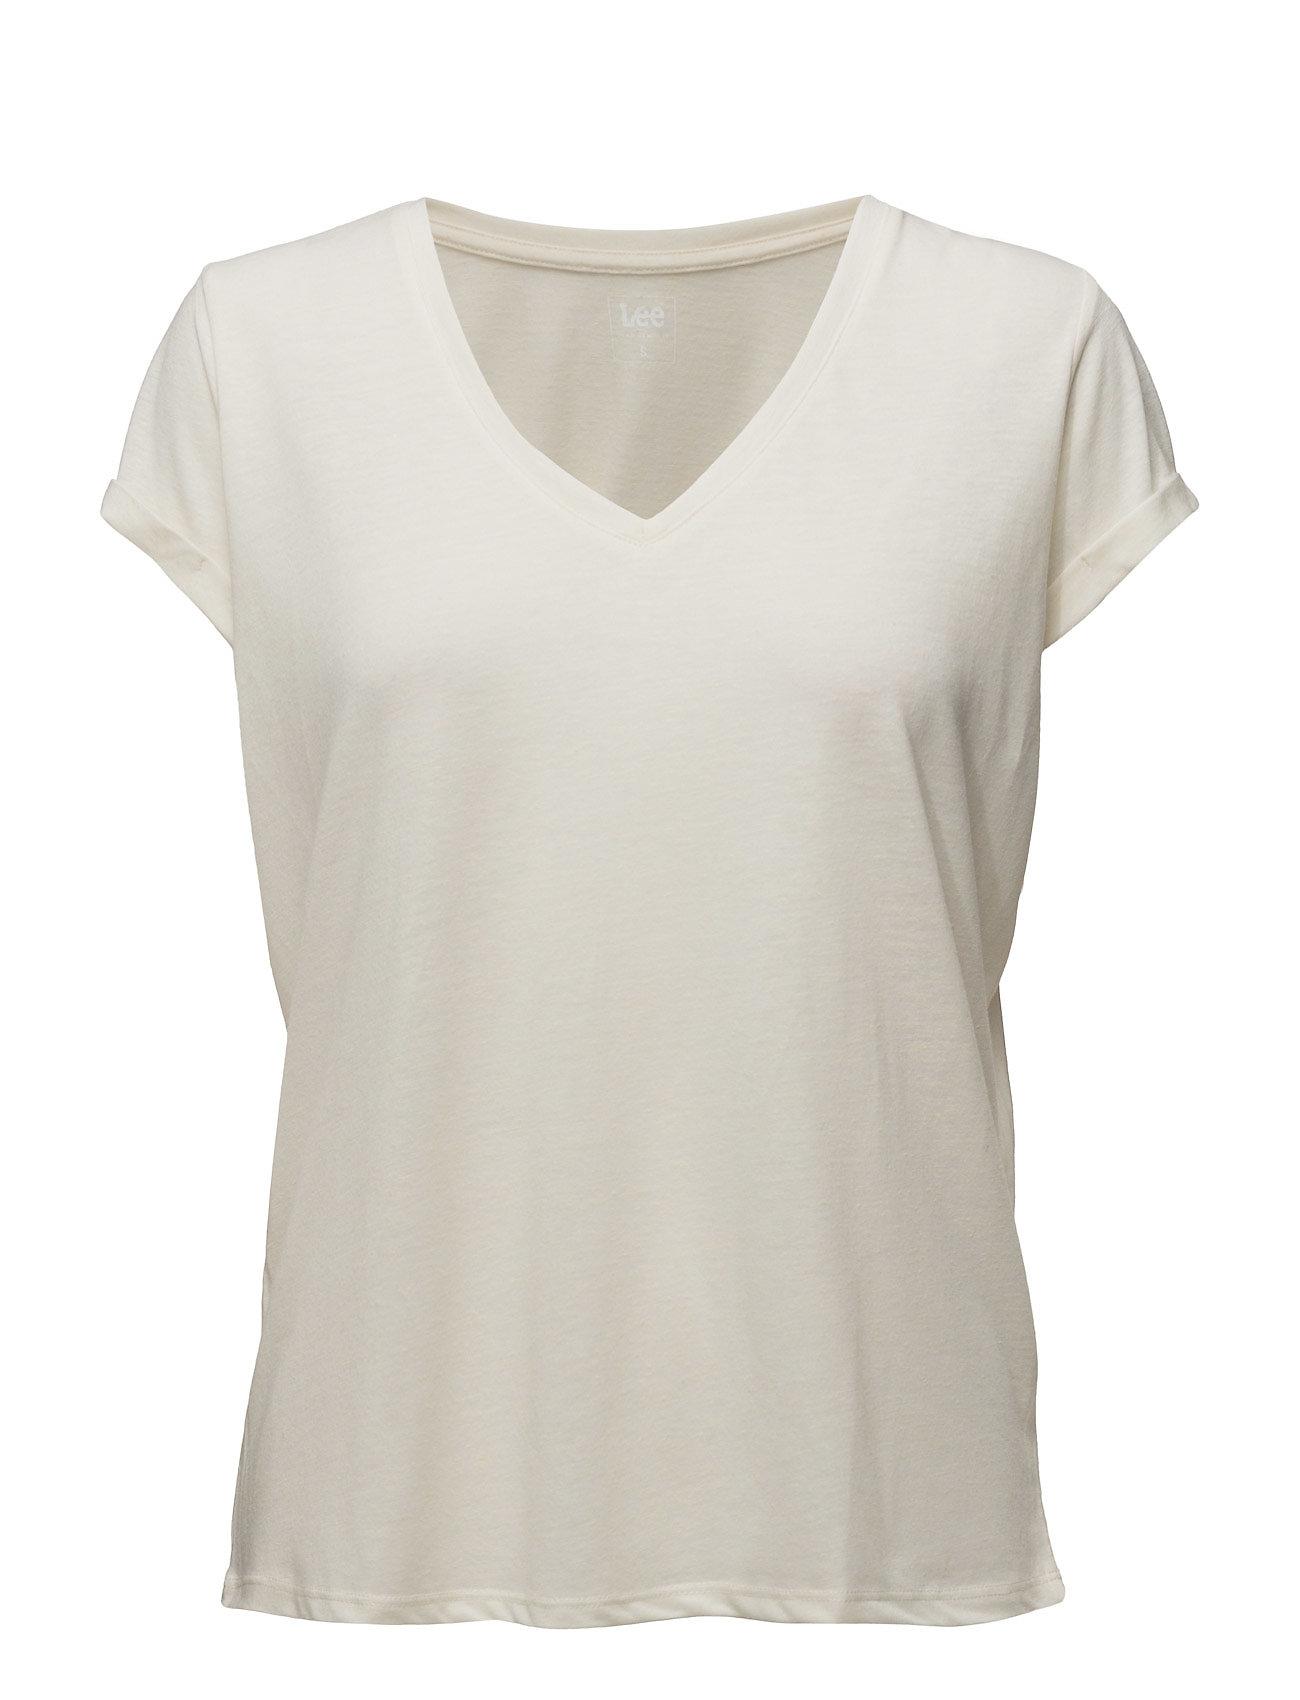 V Neck Tee Vintage White Lee Jeans T-shirts & toppe til Kvinder i Vintage White